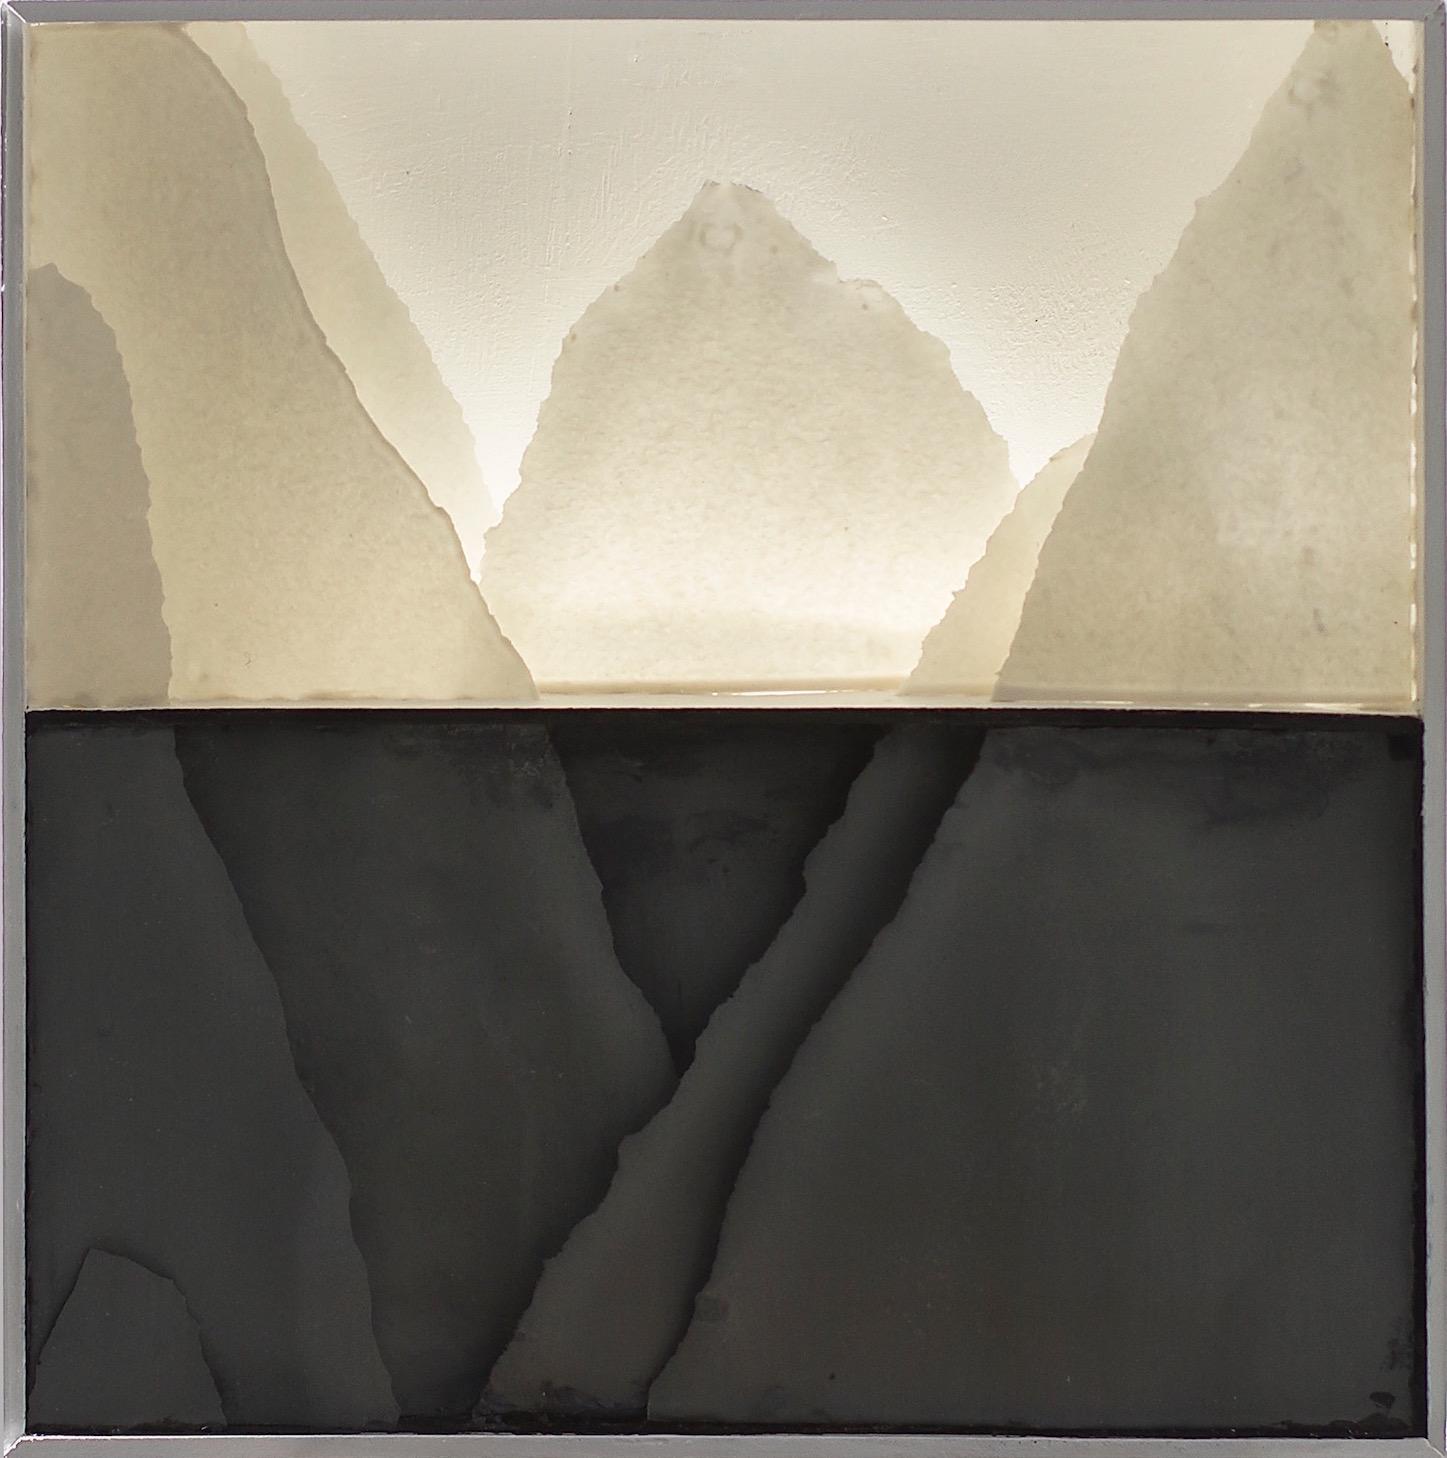 Dark waters - backlit porcelain landscape diorama